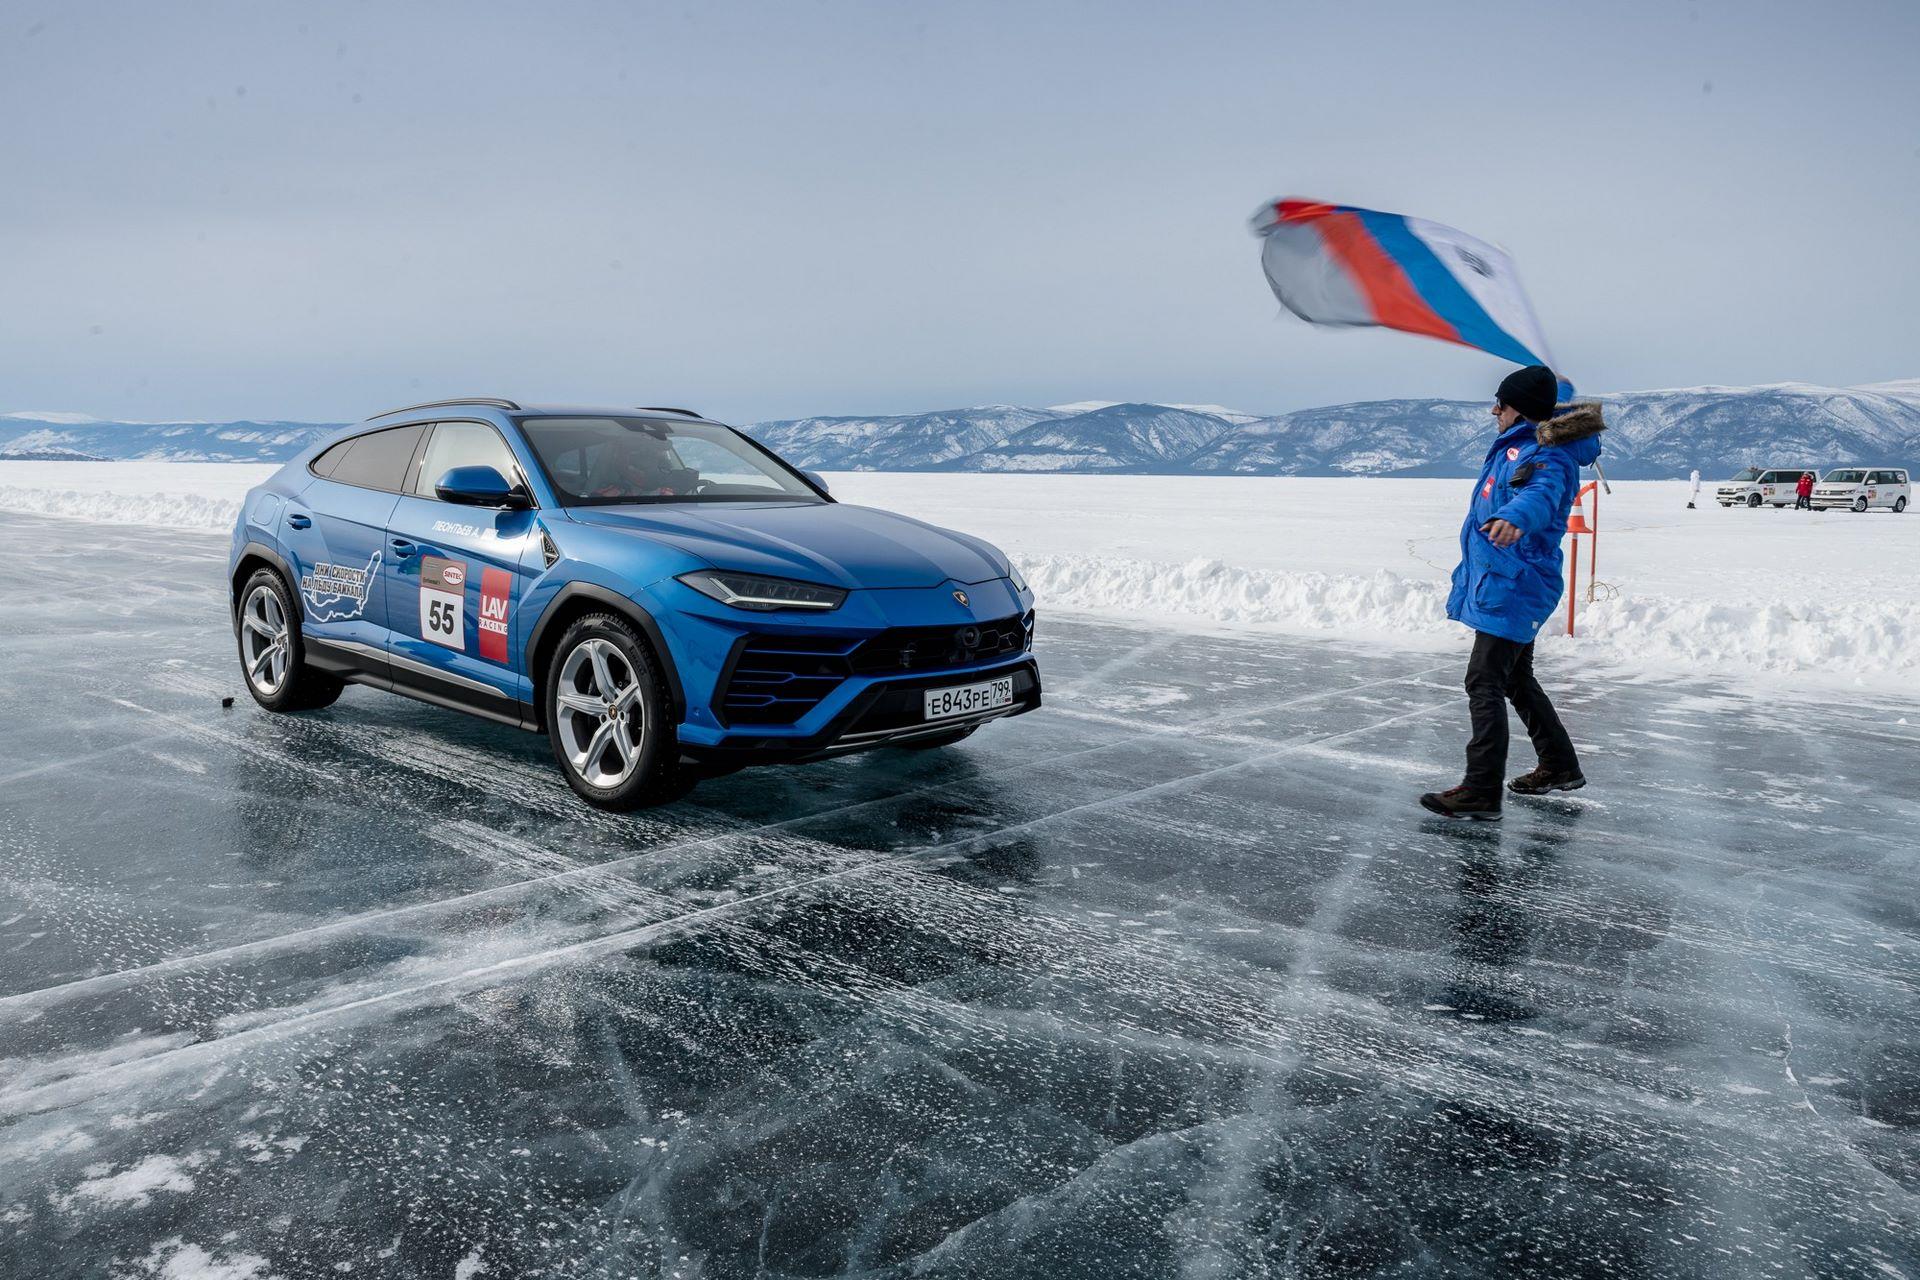 Lamborghini-Urus-Ice-Speed-Record-8